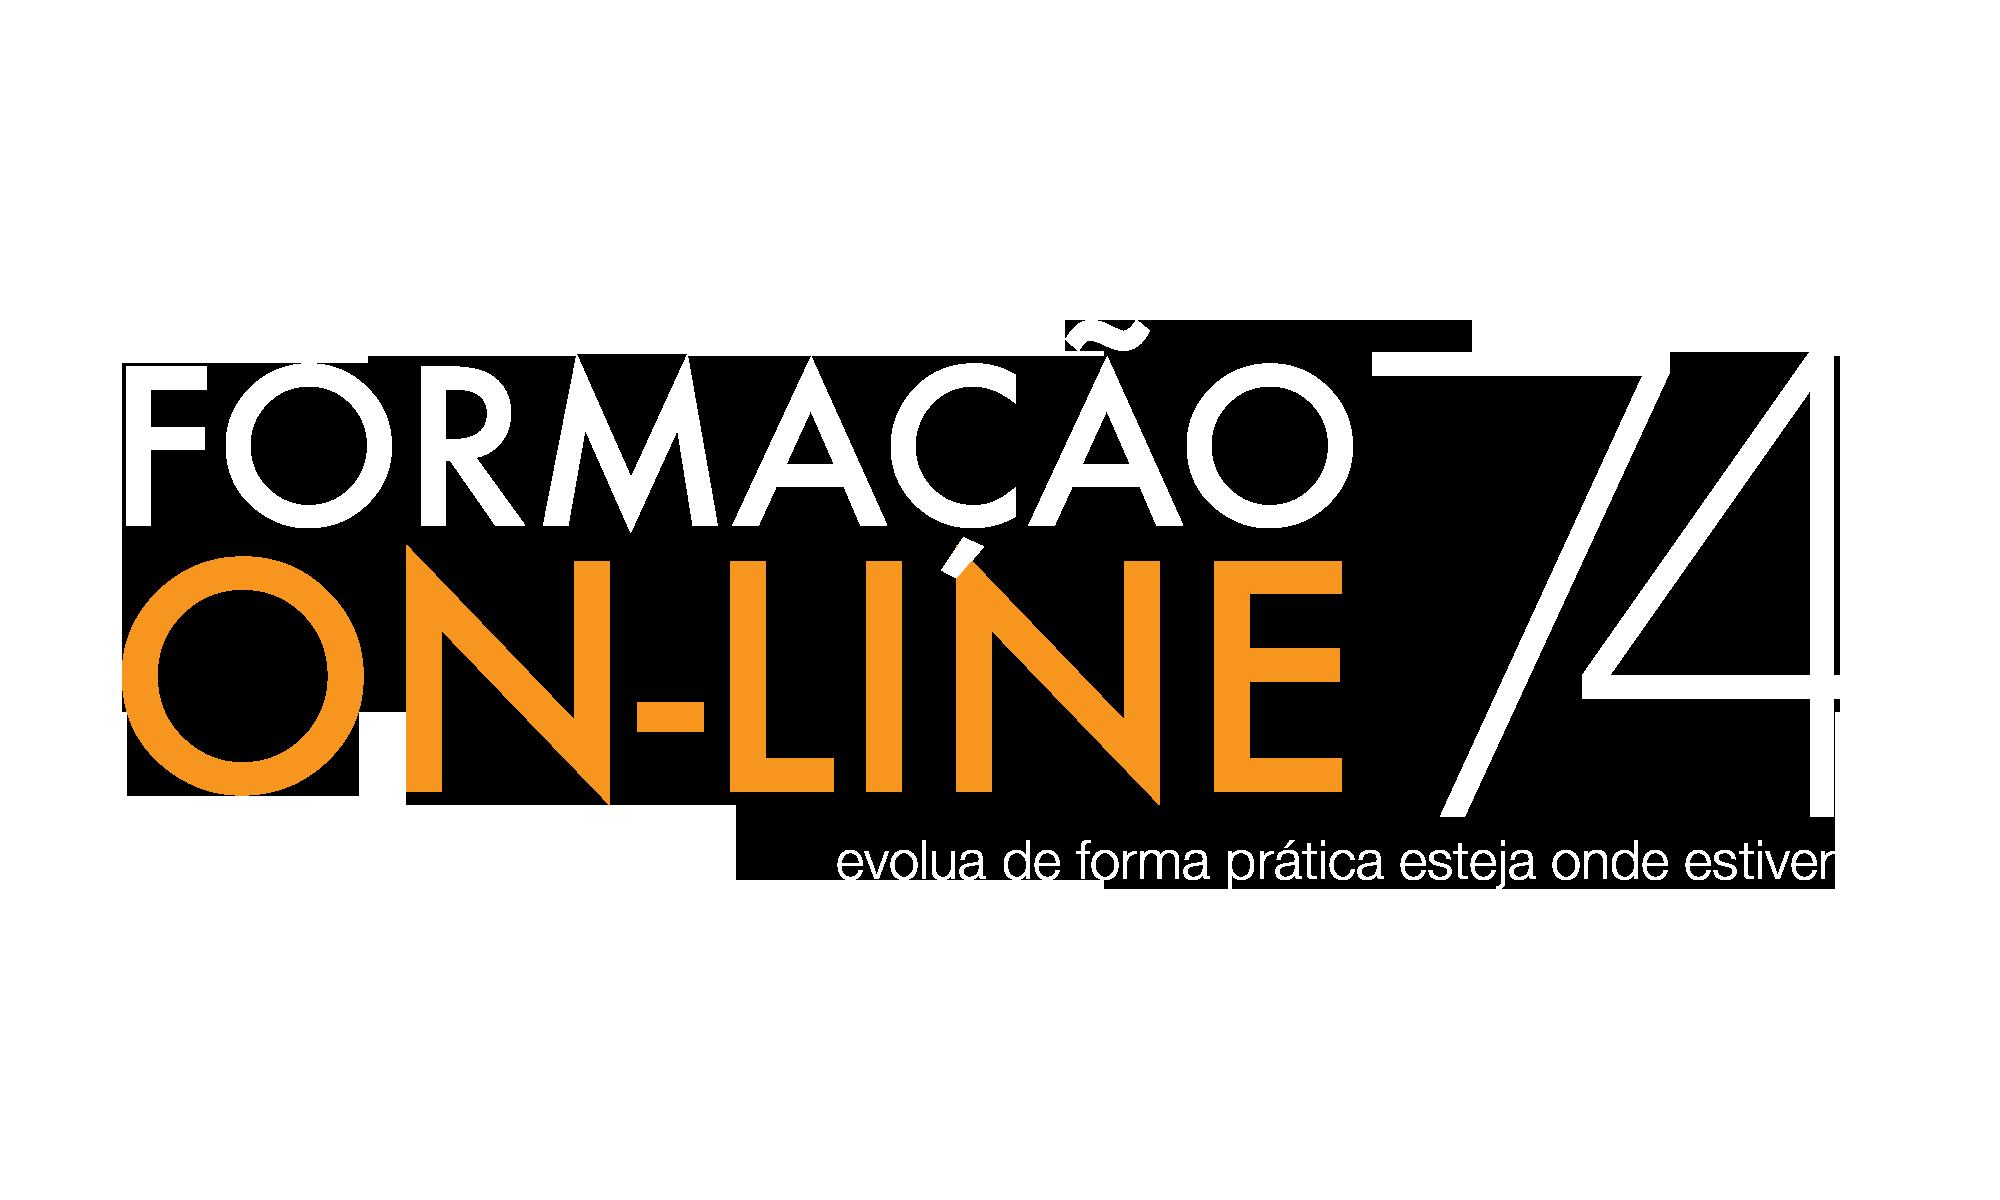 Formação online 74